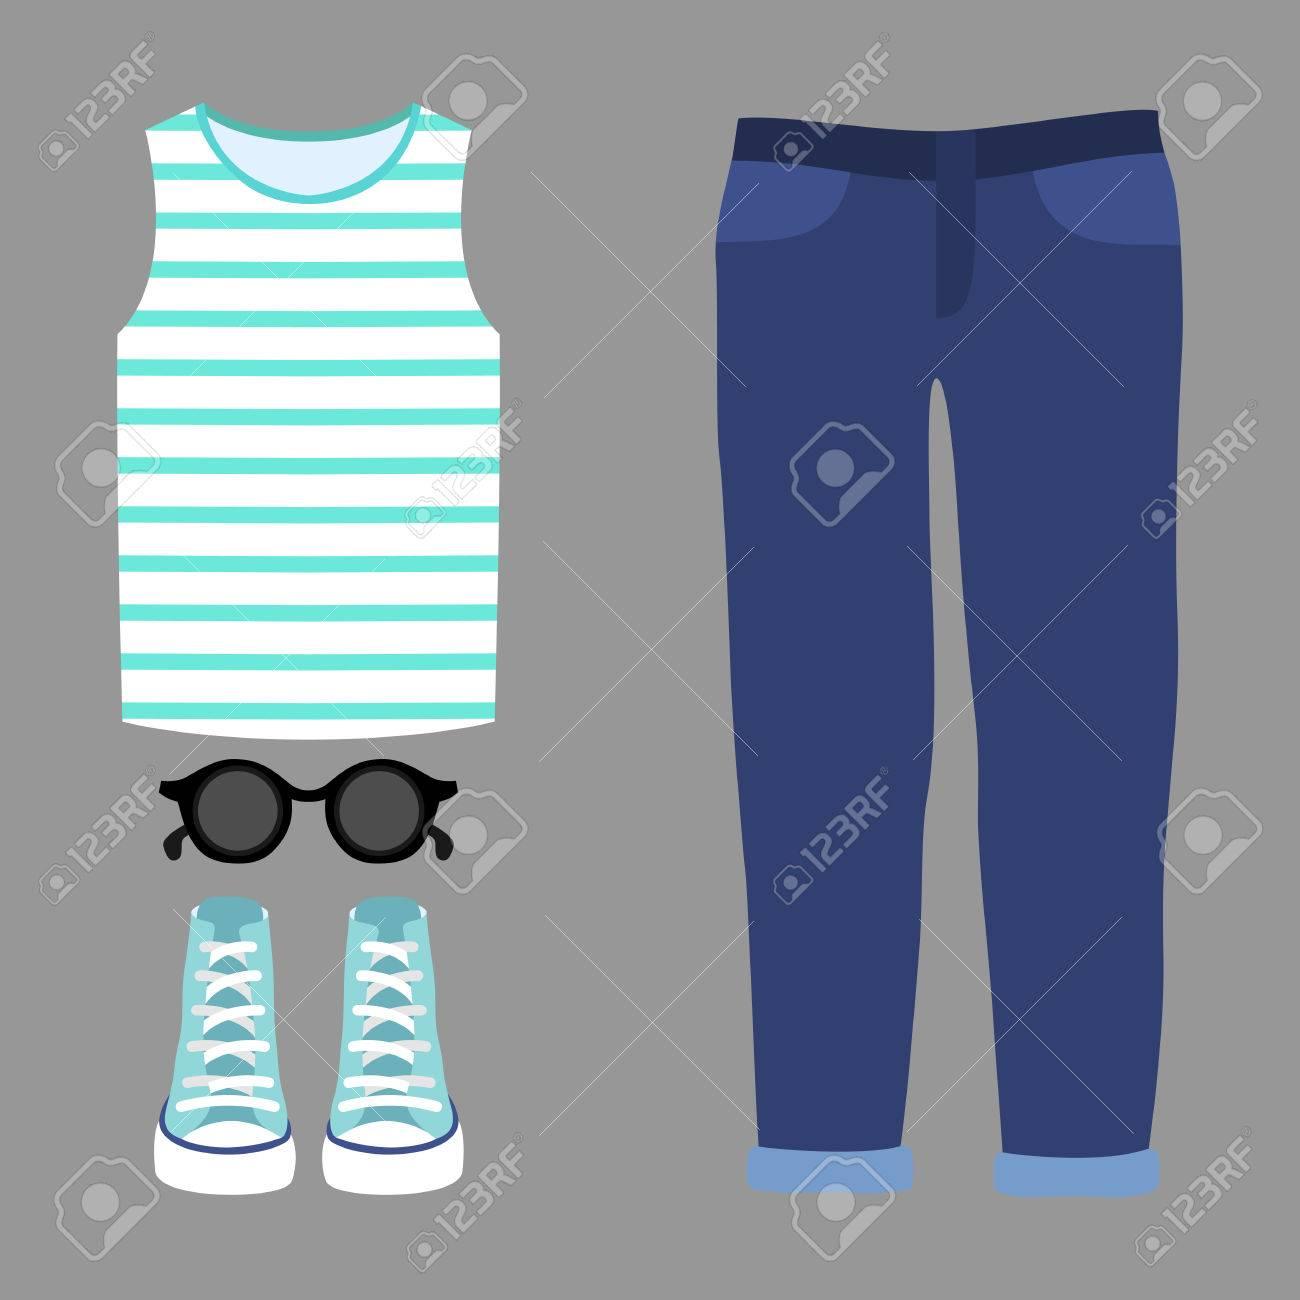 a99d9f9e030b Banque d images - Ensemble de vêtements pour femmes à la mode. Outfit de jeans  femme